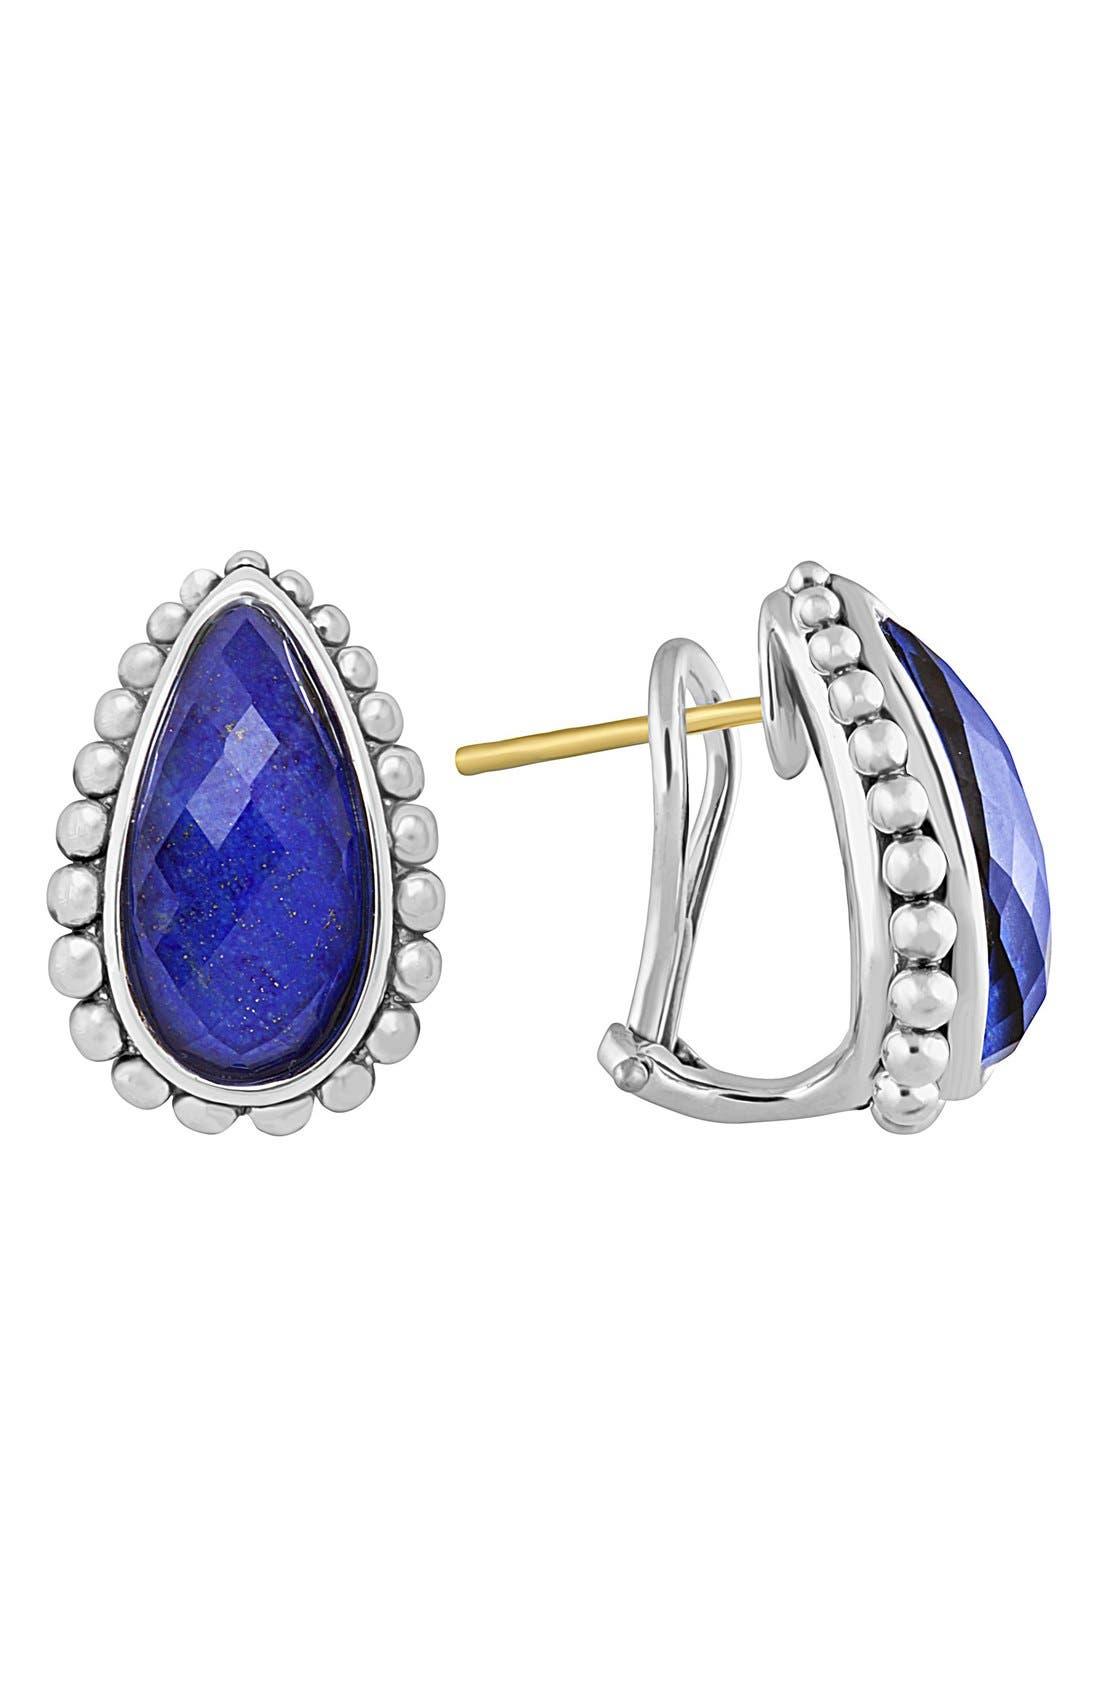 'Maya' Stud Earrings,                             Main thumbnail 1, color,                             BLUE